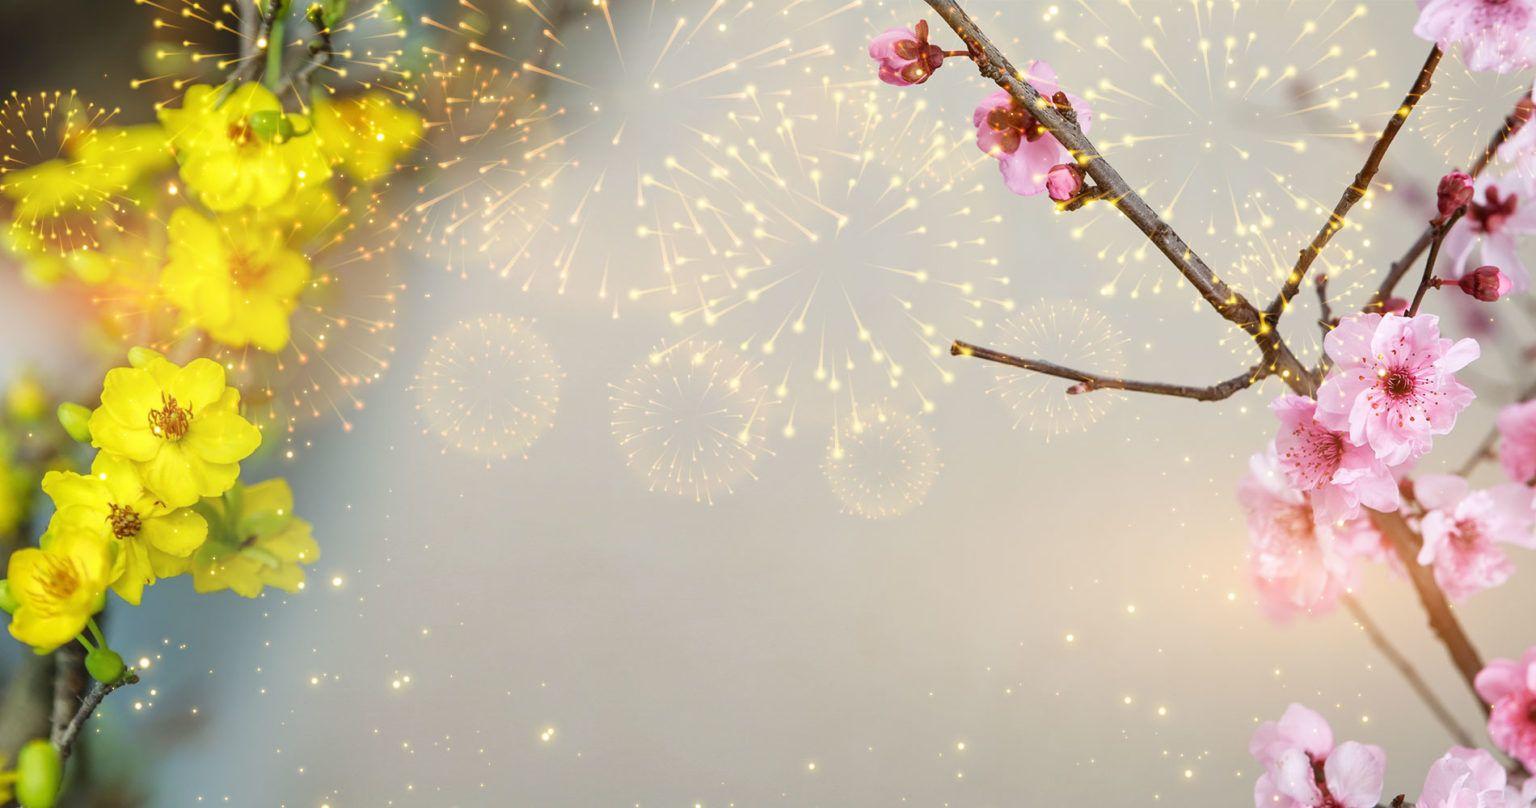 79 Background Tết 2021 Đẹp Nhất Vừa Cập Nhật - Hình Ảnh Đẹp HD | Hình nền, Hình ảnh, Hình